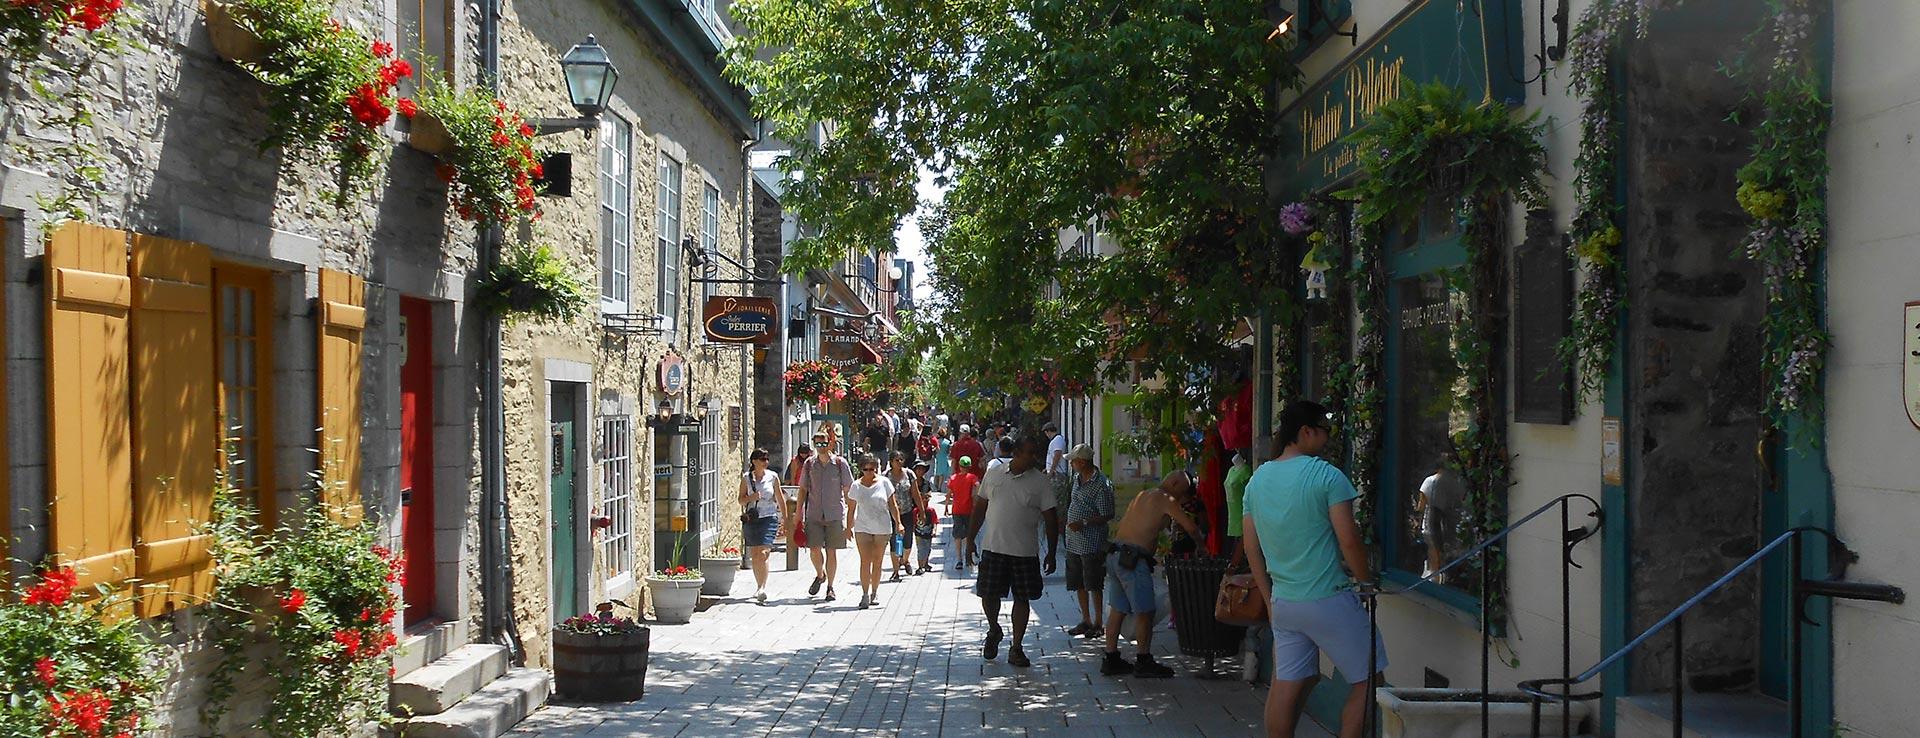 Quebec Basse Ville